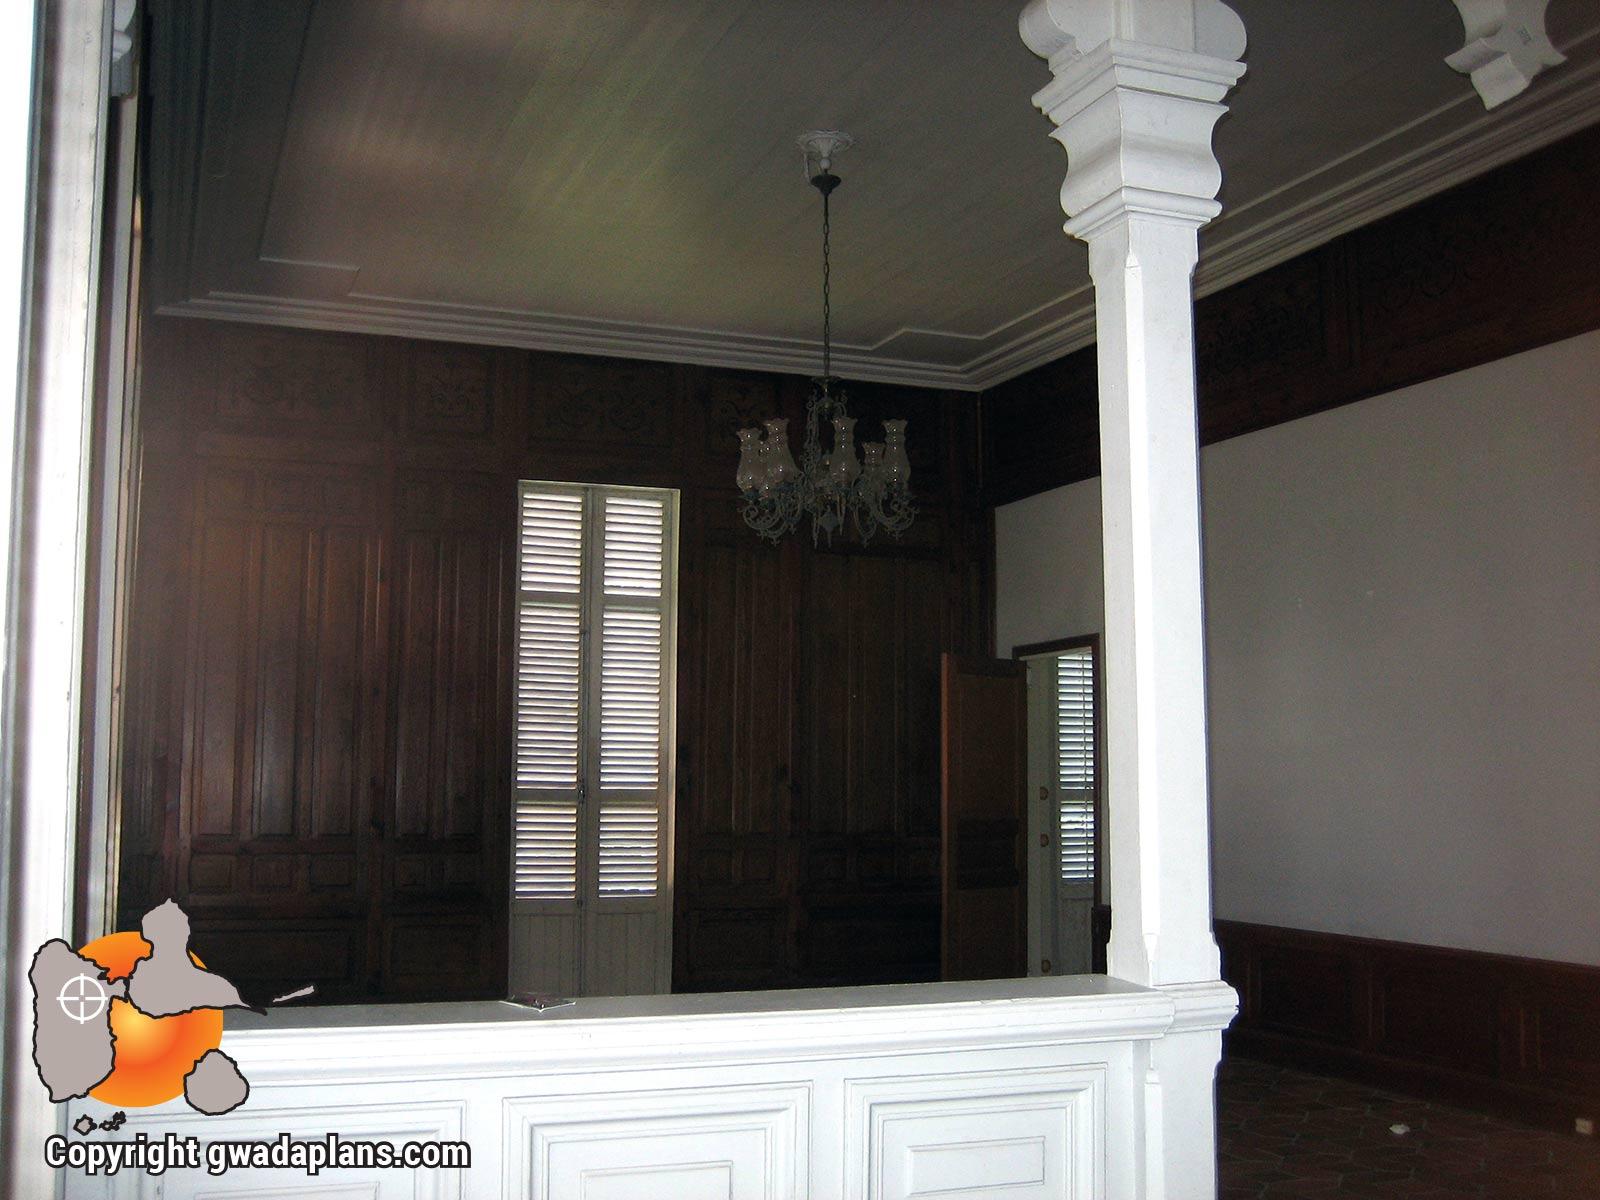 Maison Zévalos intérieur avant rénovation